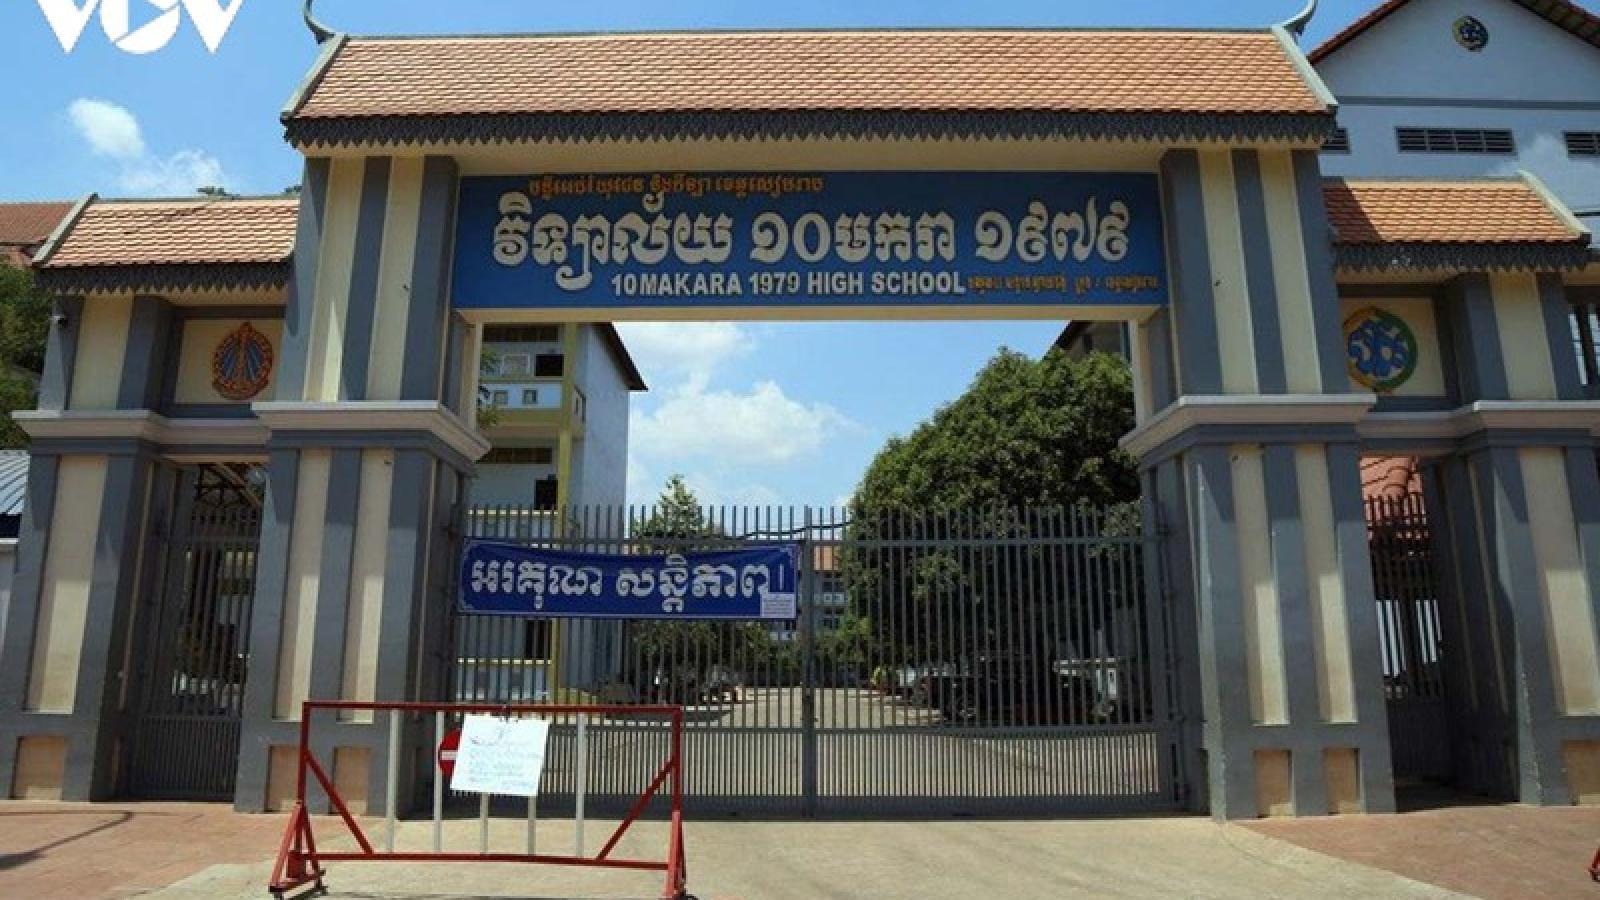 Campuchia cho phép trường học mở cửa trở lại đối với học sinh lớp 9 và lớp 12